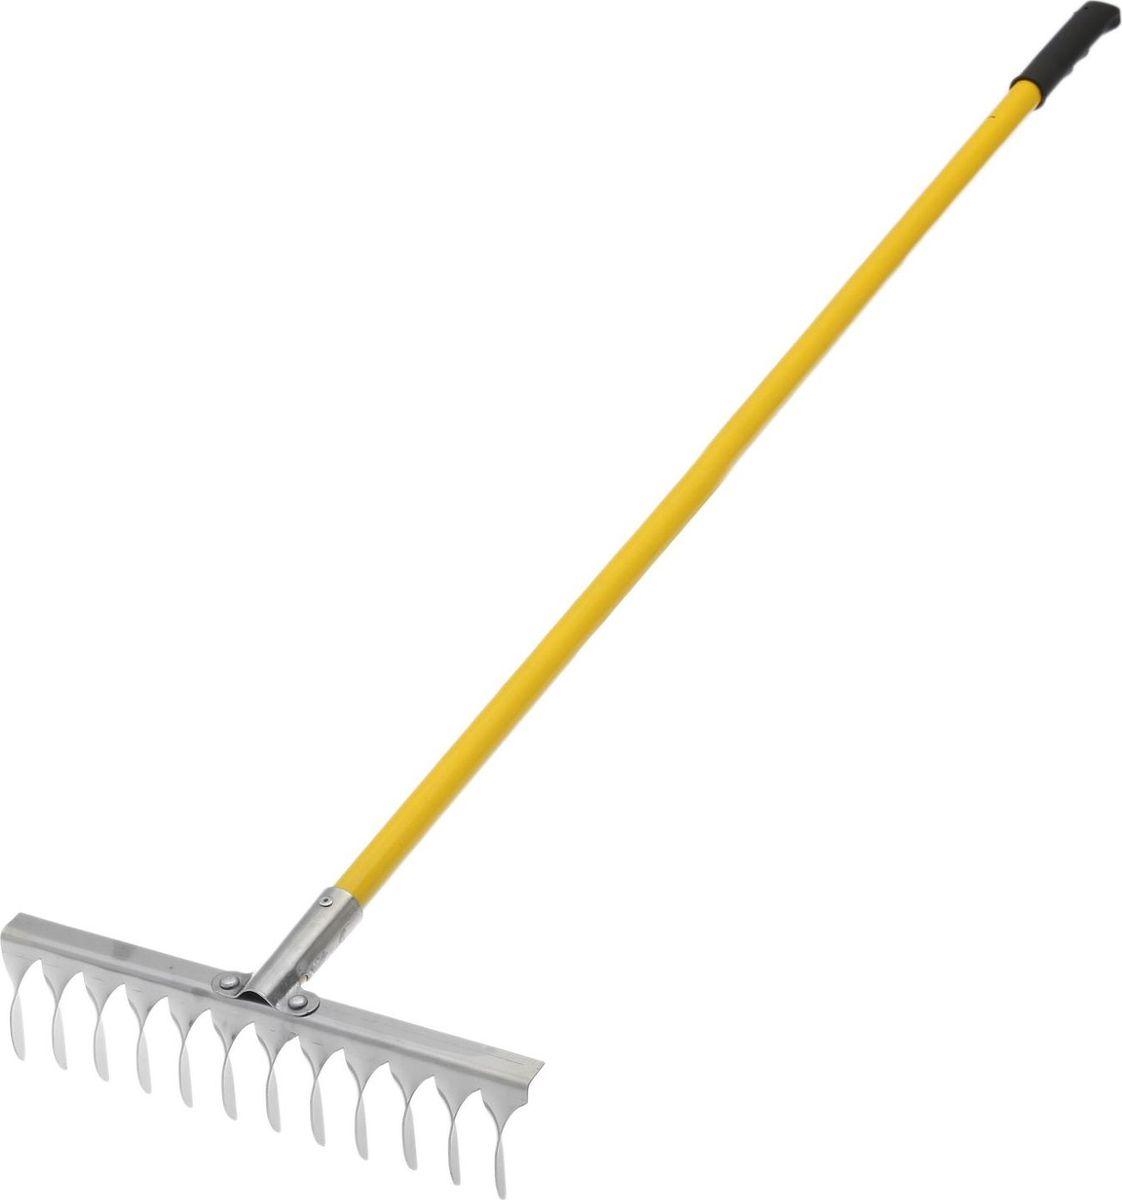 Грабли, с черенком, с витым зубом, длина 134 смV30 AC DCГрабли подходят для наведения порядка на участке, вычёсывания травы, сбора опавших листьев. Металлические зубцы из нержавеющей стали разровняют даже тяжёлую влажную почву, разобьют большие комки земли.По окончании использования очистите рабочую часть инструмента от остатков грунта. Храните в закрытом помещении.В комплект входит прочный яркий металлический черенок.